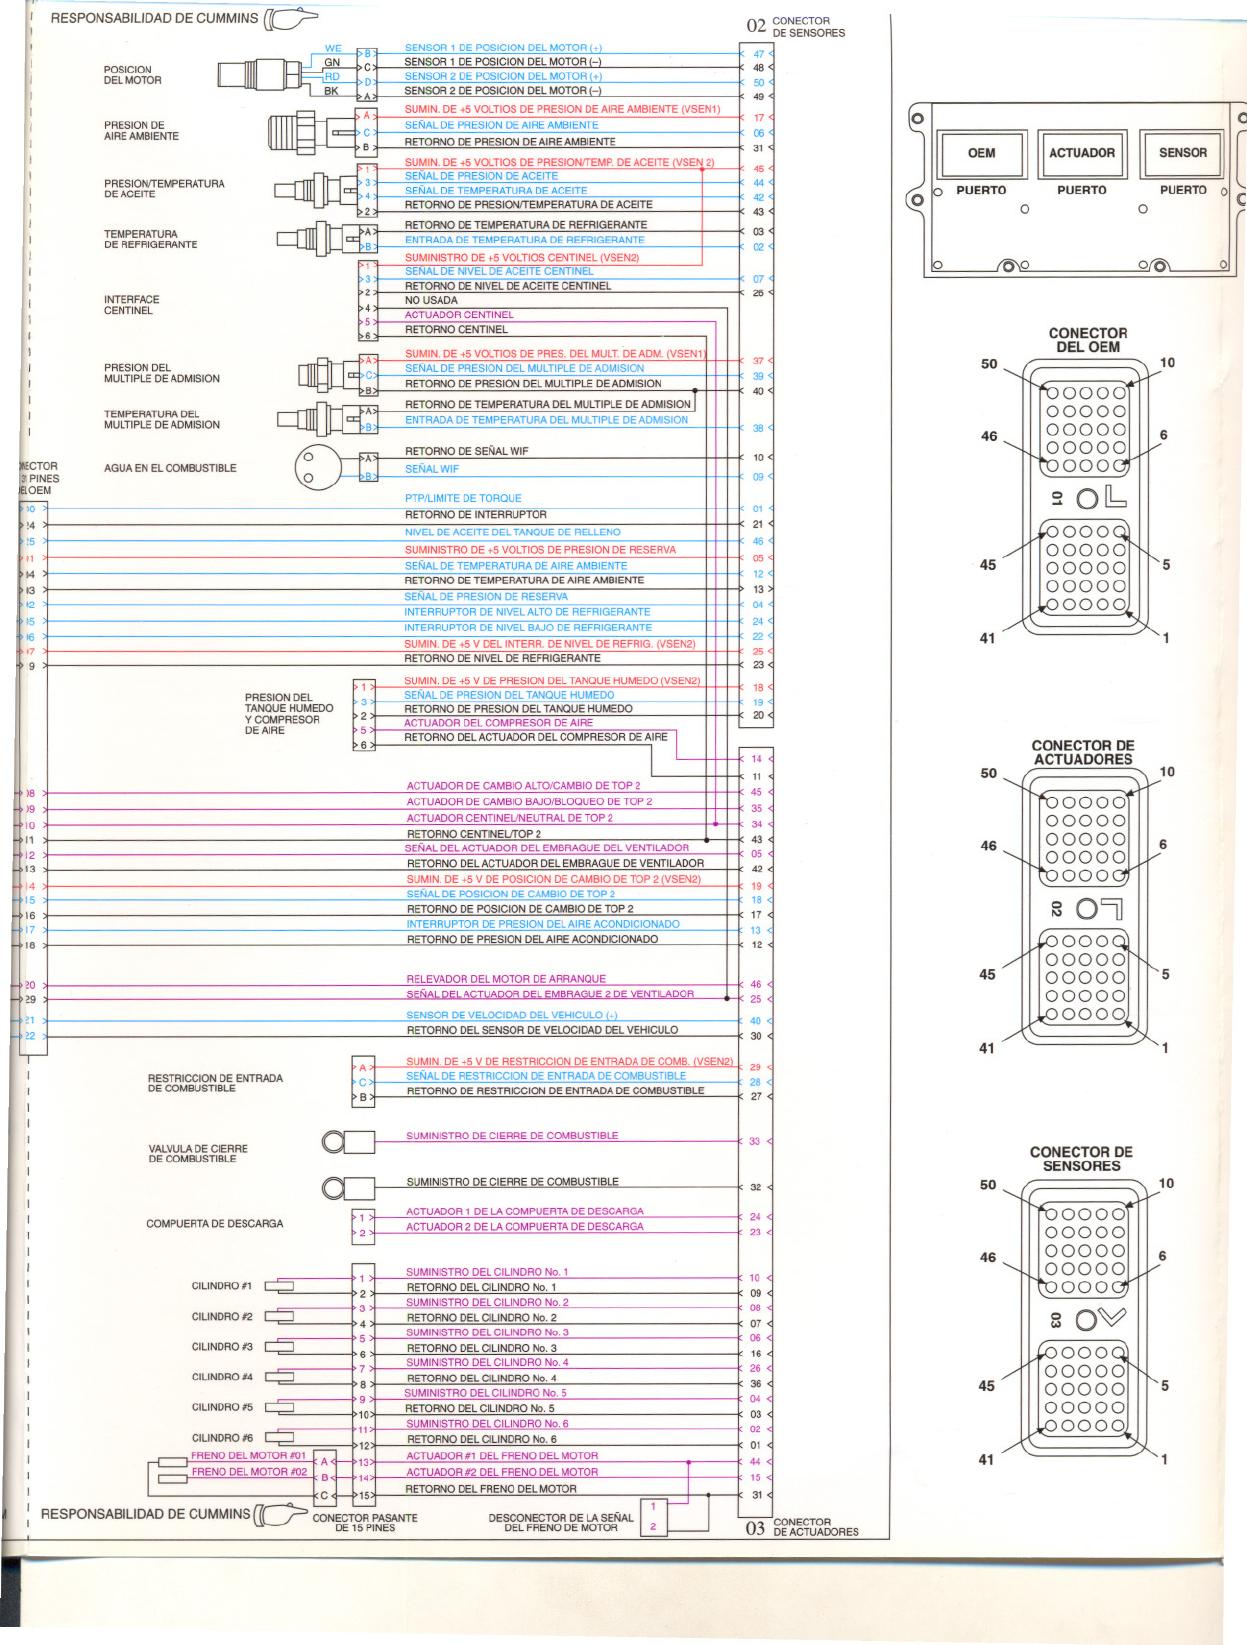 Diagrama Cableado Ism Pdf Diagrama De Circuito Diagrama De Circuito Electrico Diagrama Electronico